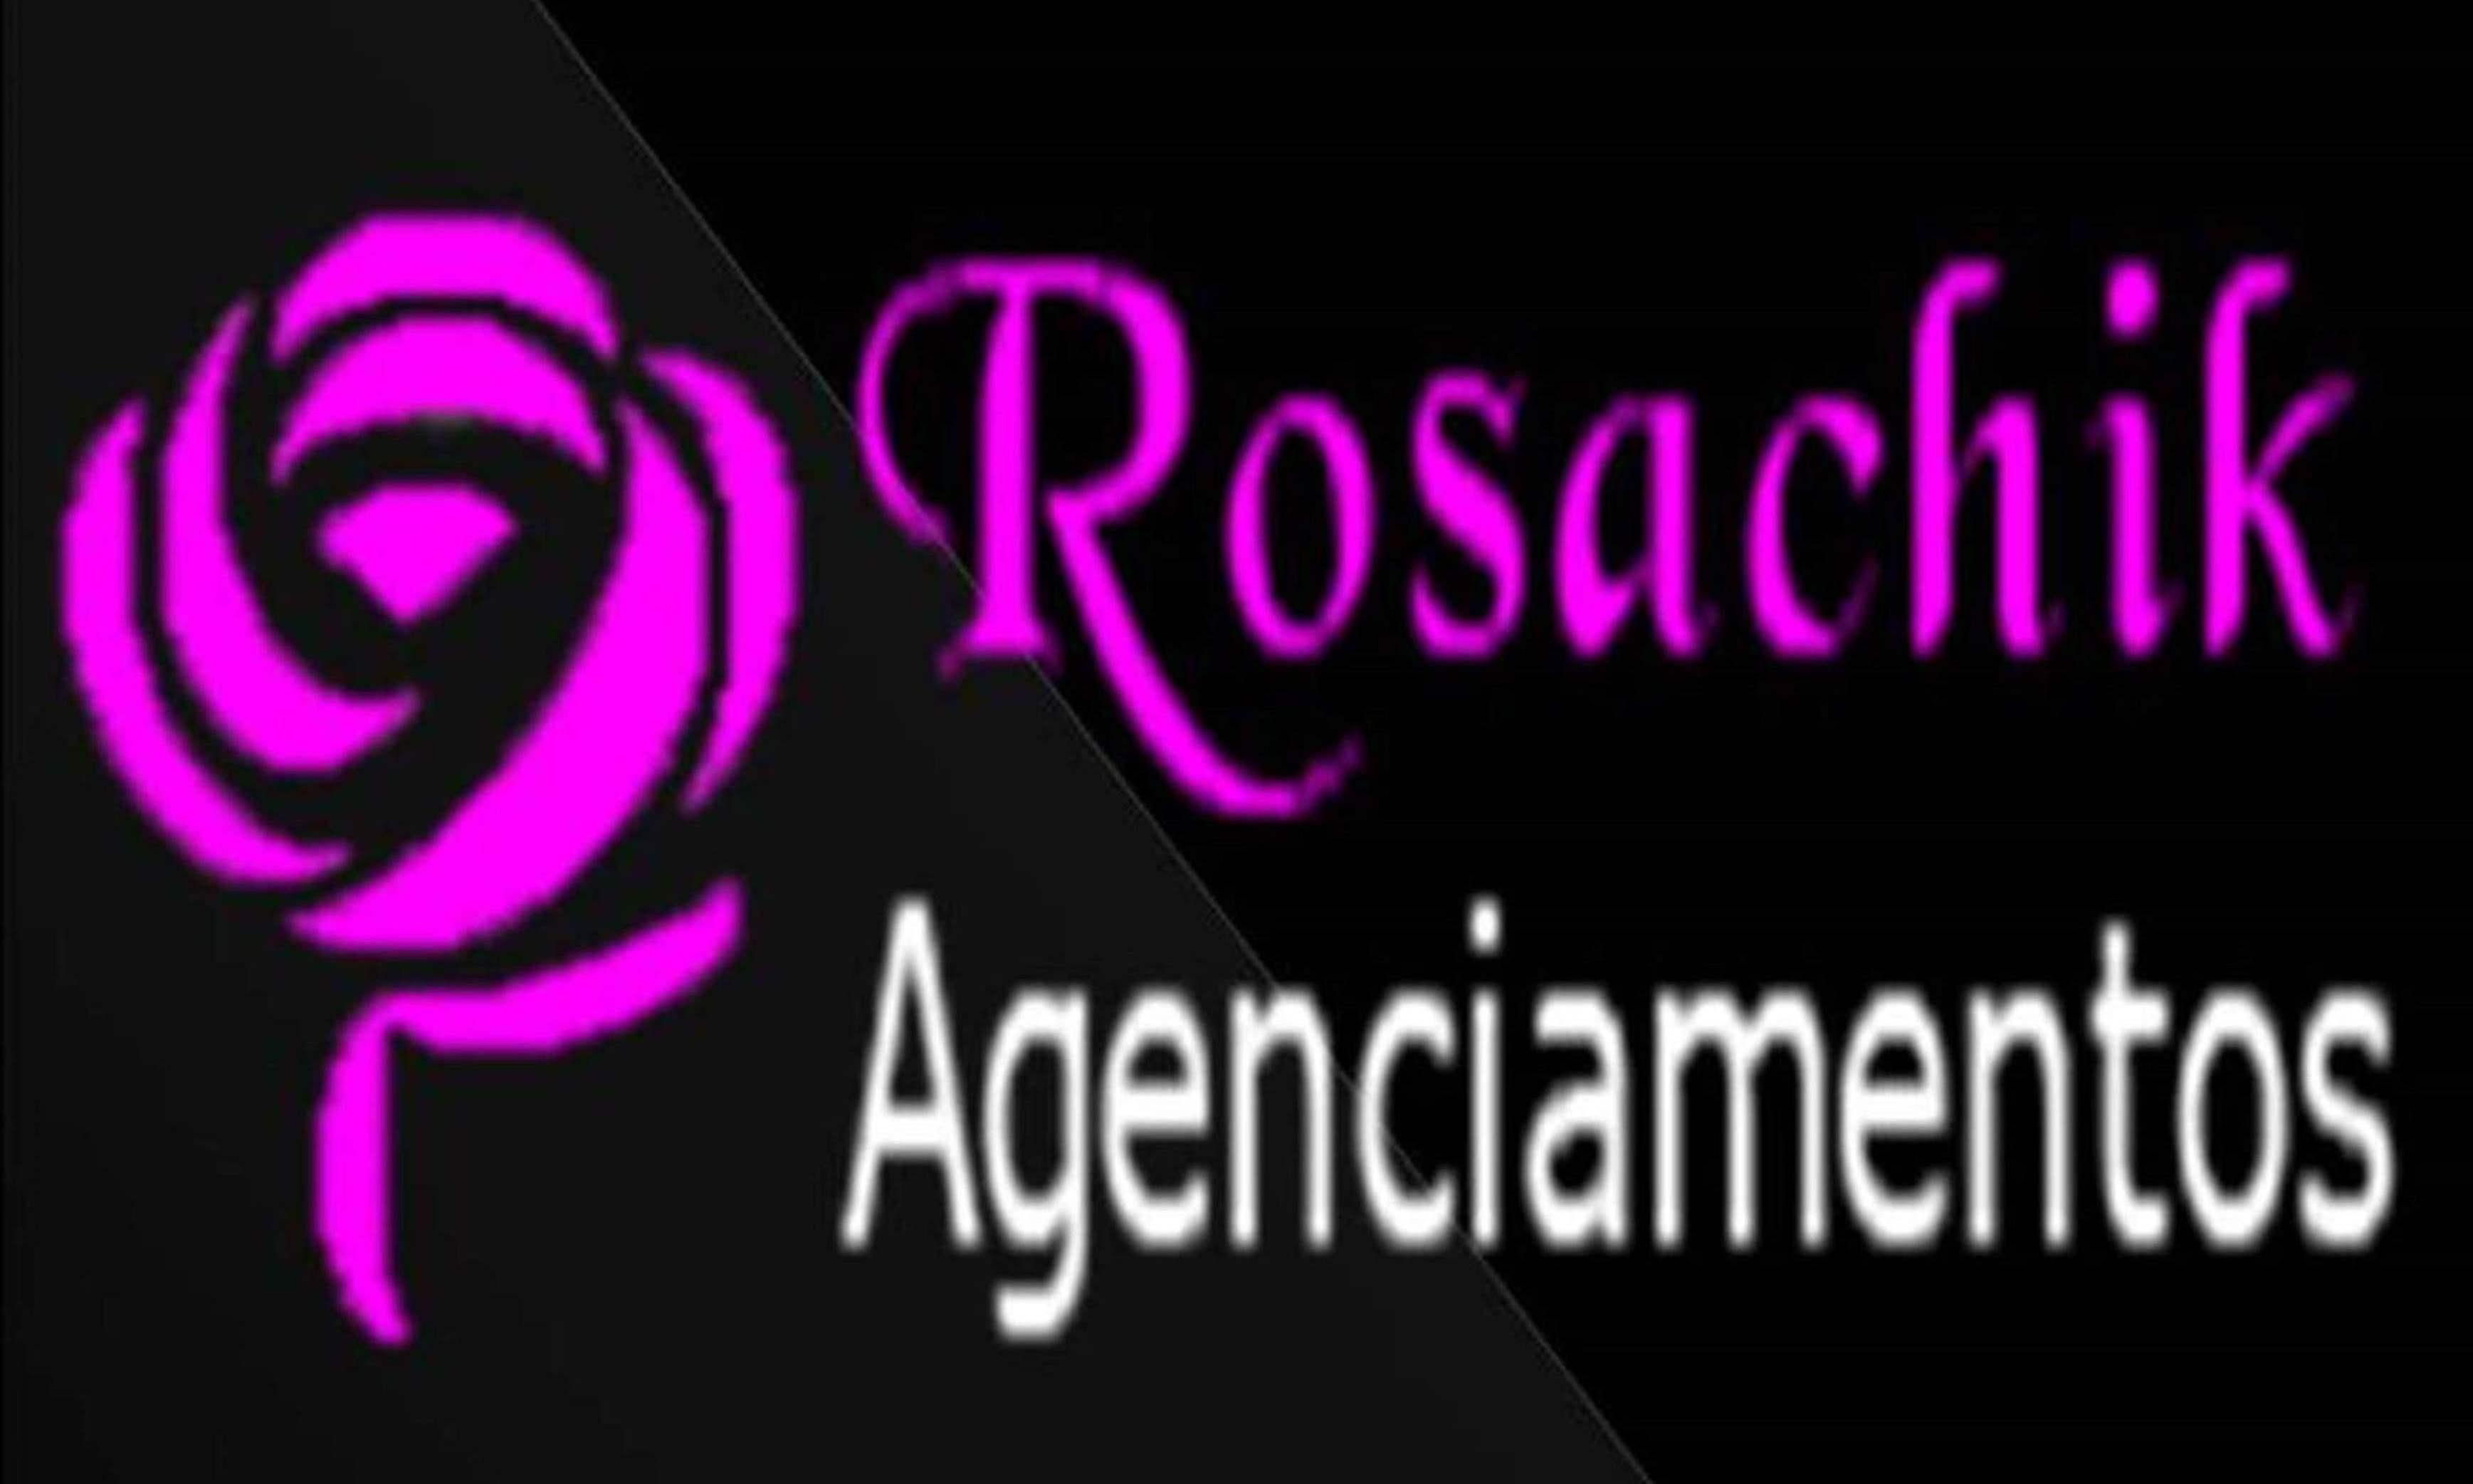 Rosa Chik Agenciamento